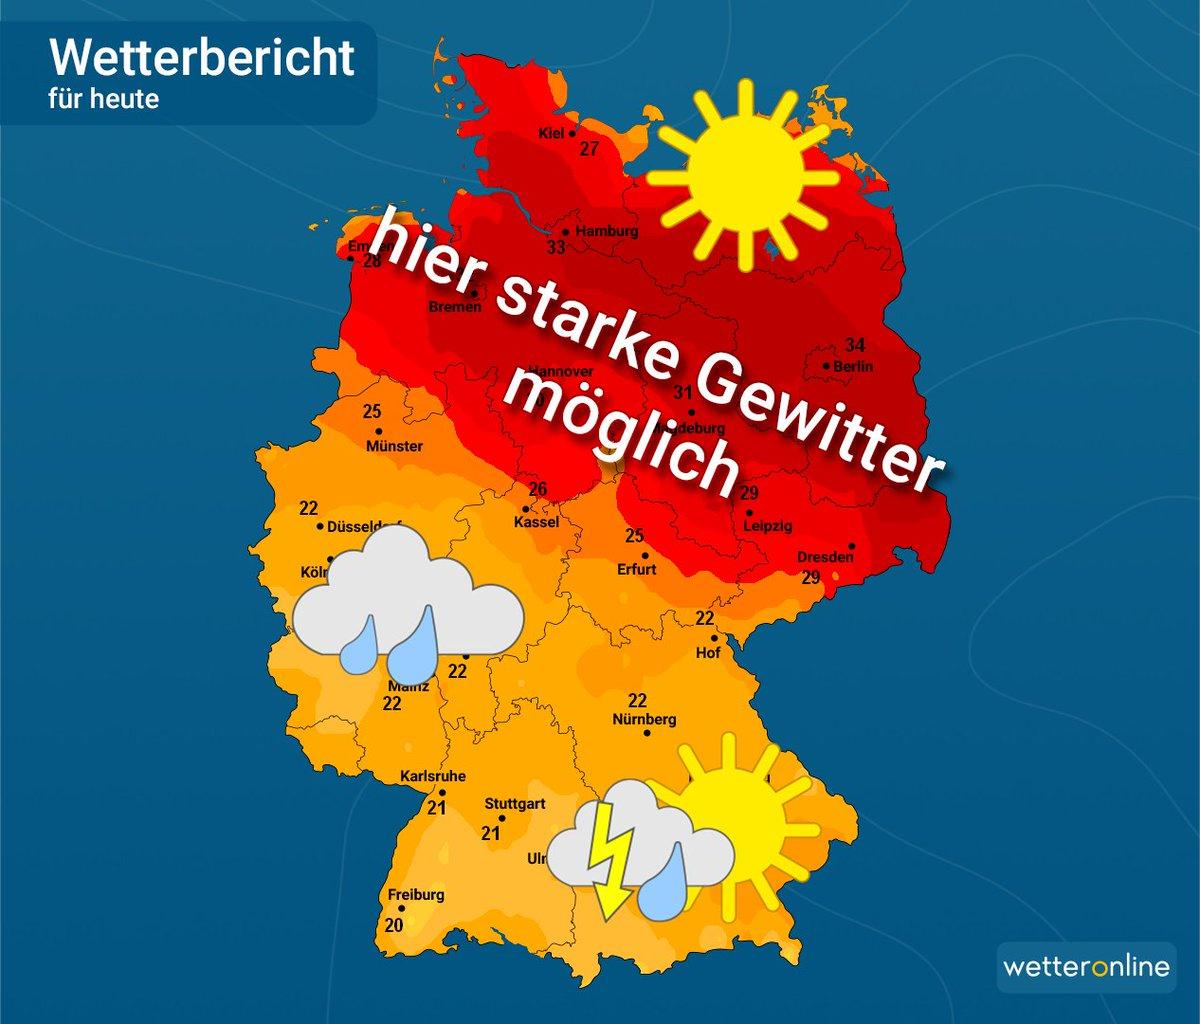 Wetteronline De On Twitter Zwischen Hamburg Und Berlin Wird Es